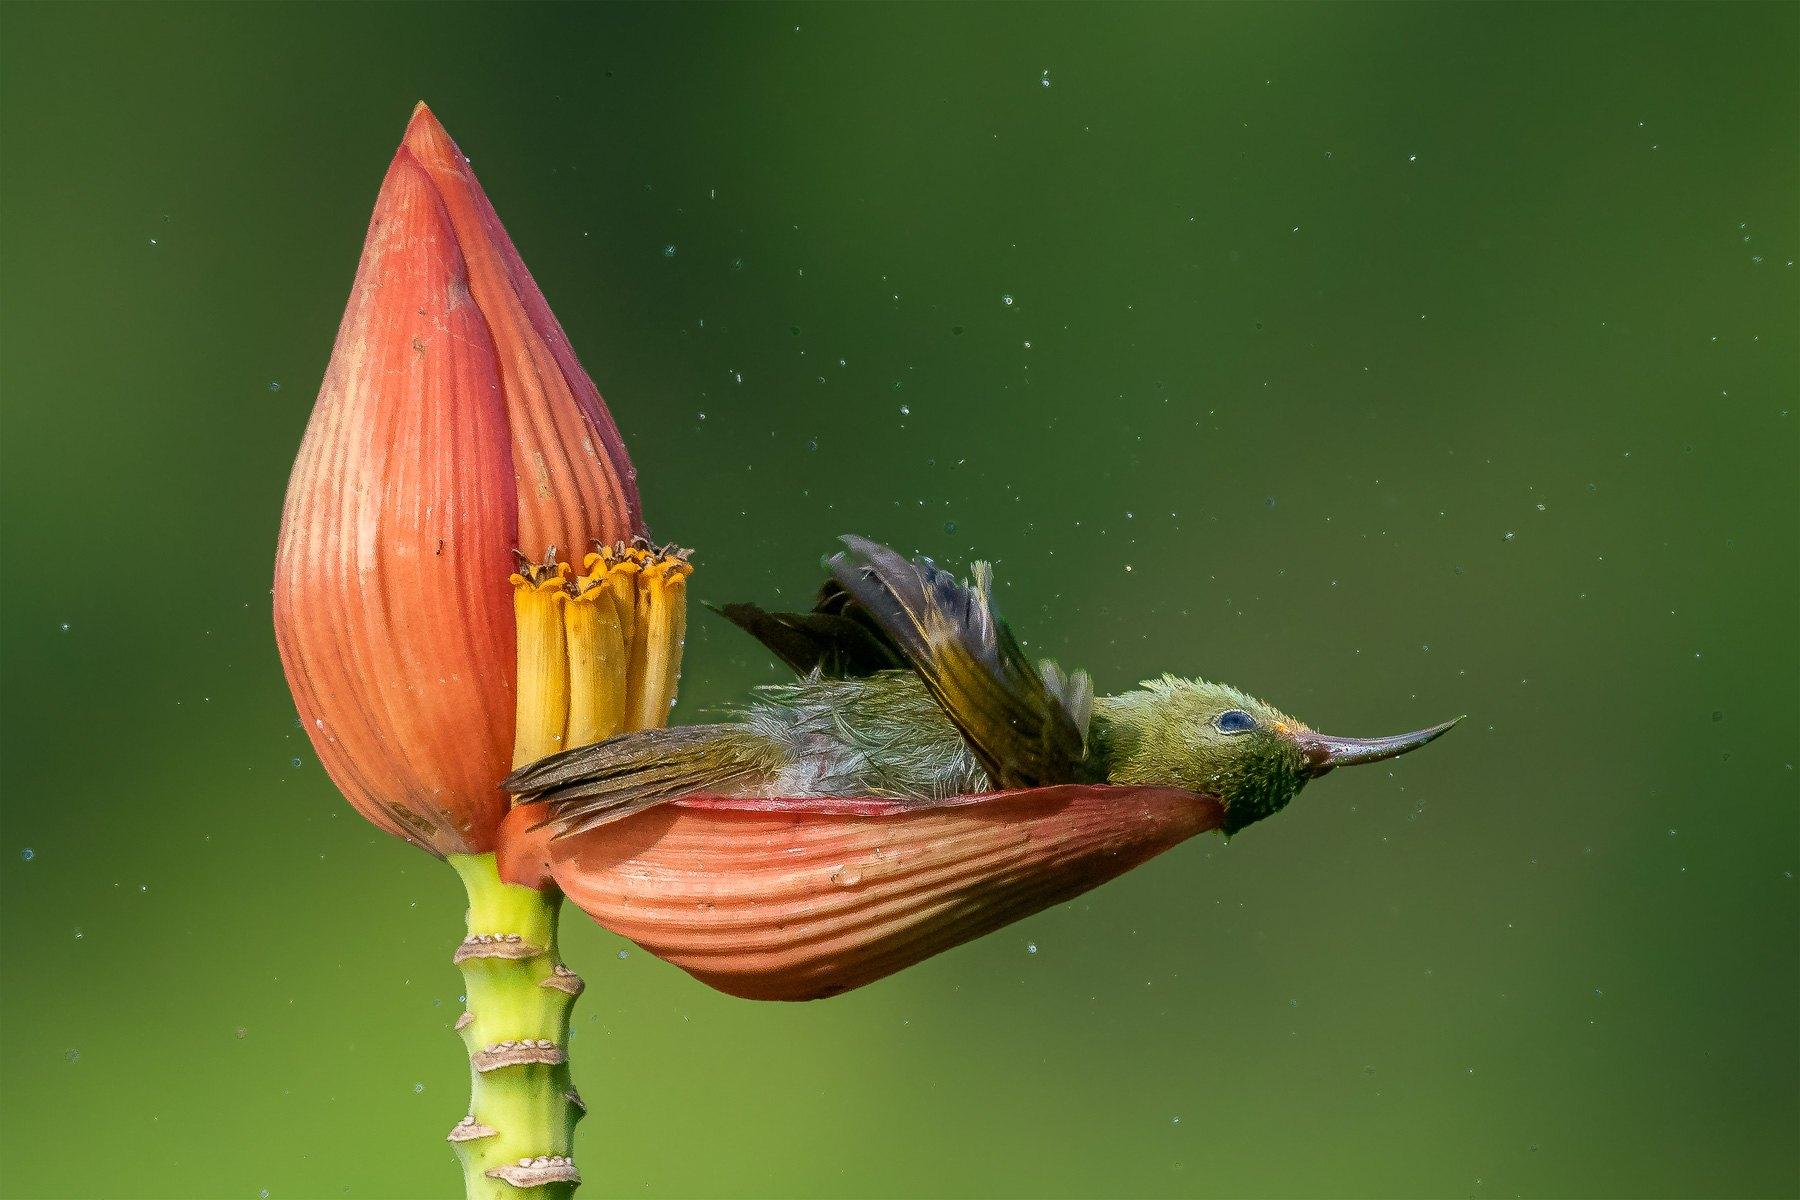 Gold winner: Bird Behavior